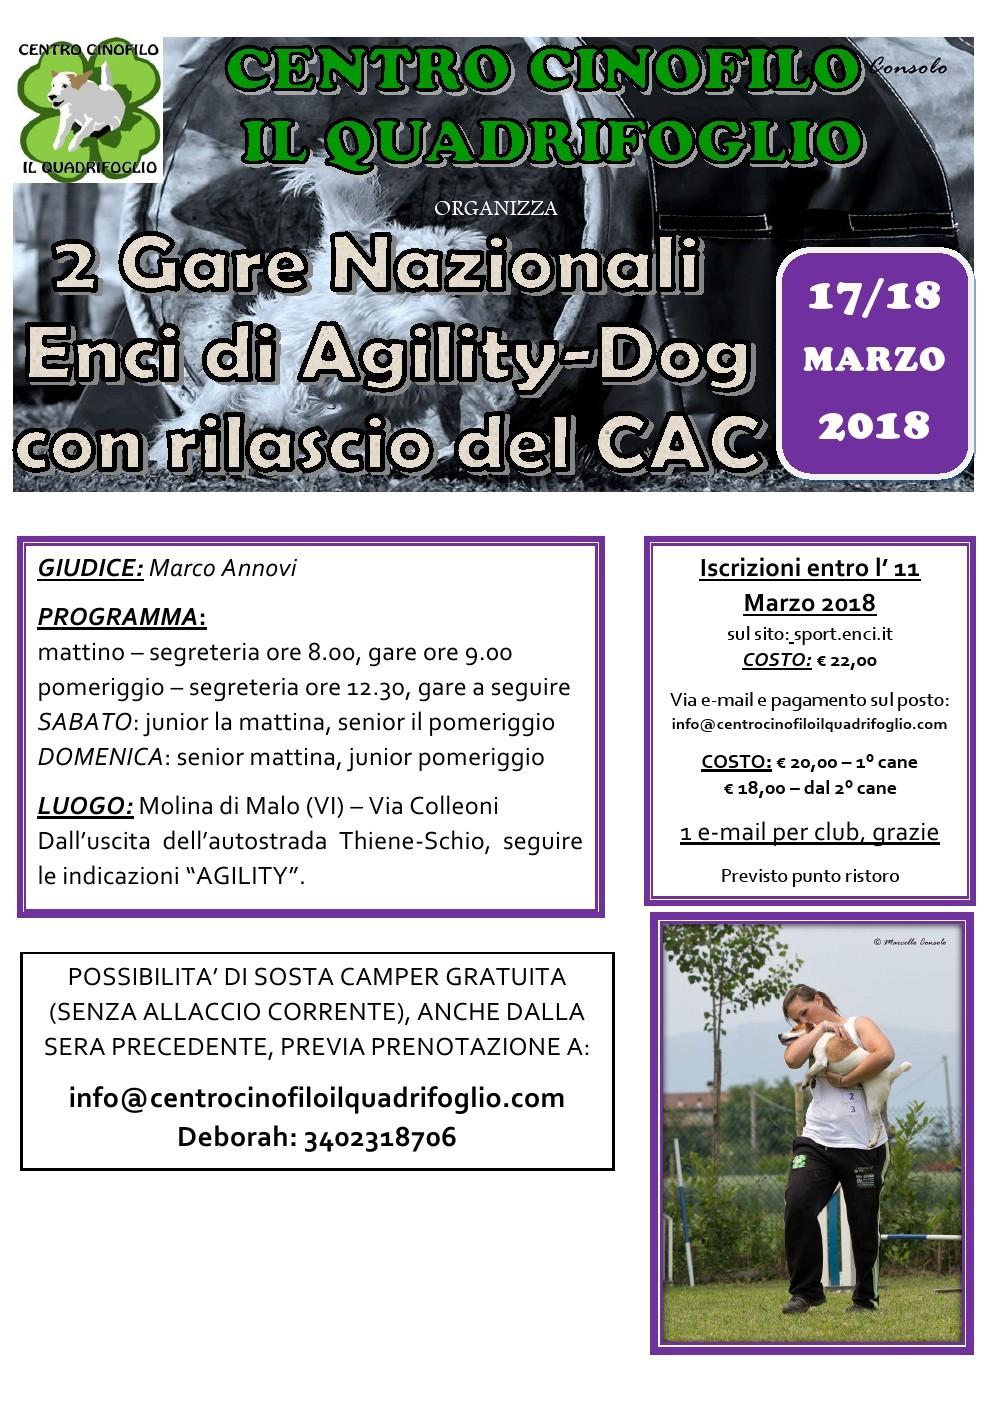 Gara Nazionale CAC a Molina di Malo (VI)  2 gare in due giorni